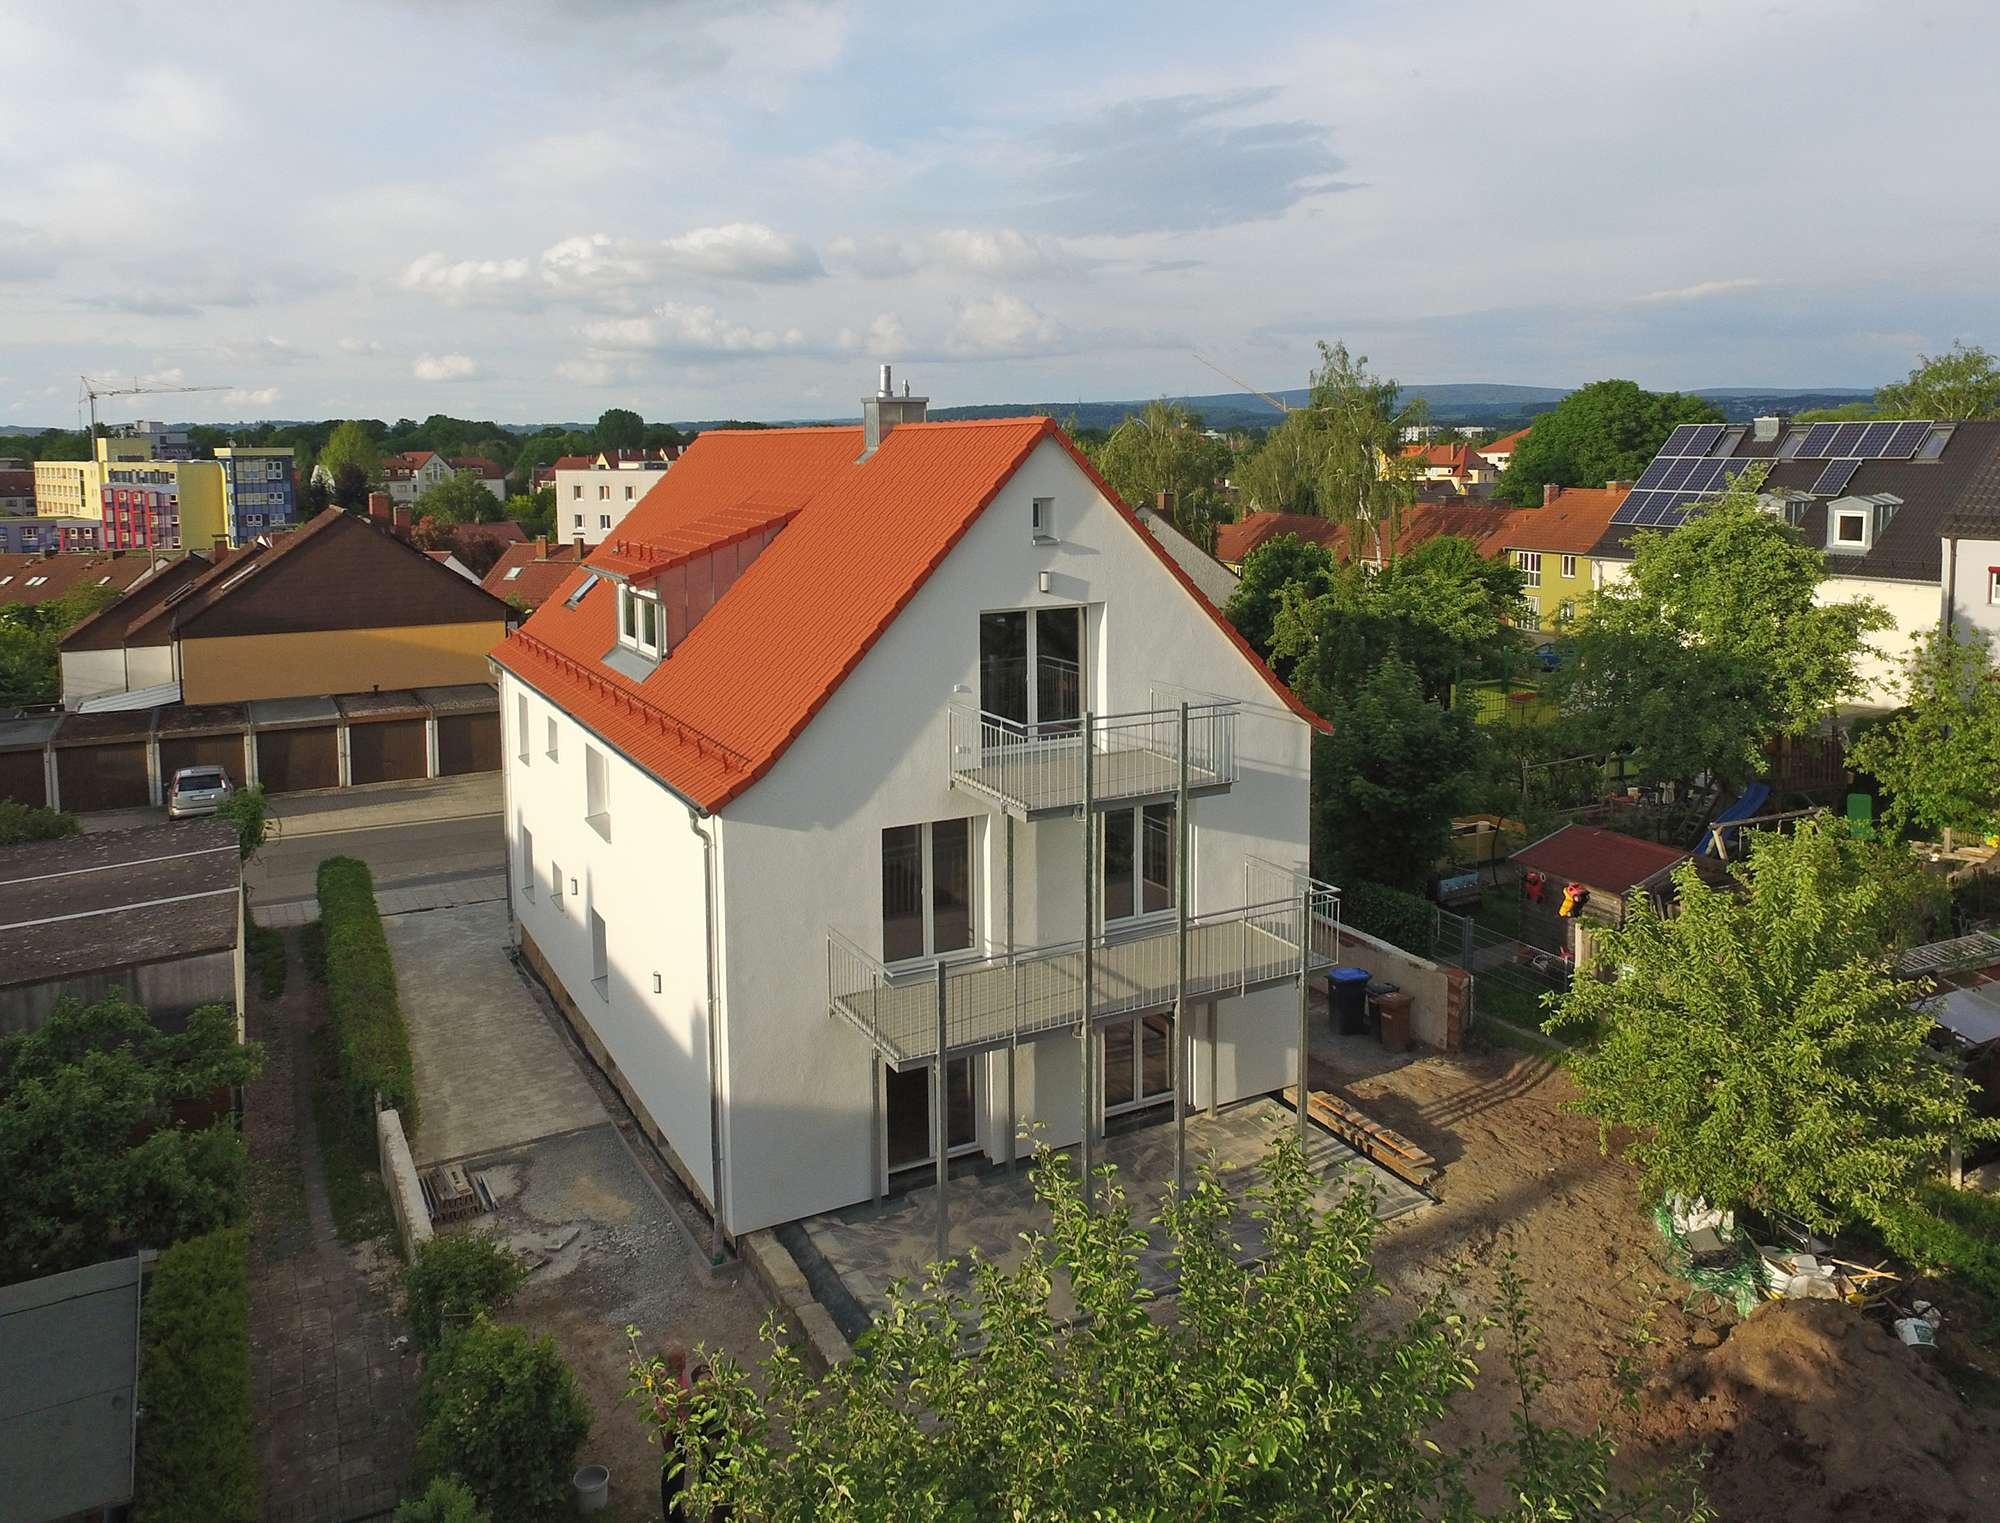 Totalsanierte 2,5-Zimmer-DG-Mietwohnung mit großem Balkon in Birken-Bestlage, frei ab sofort!